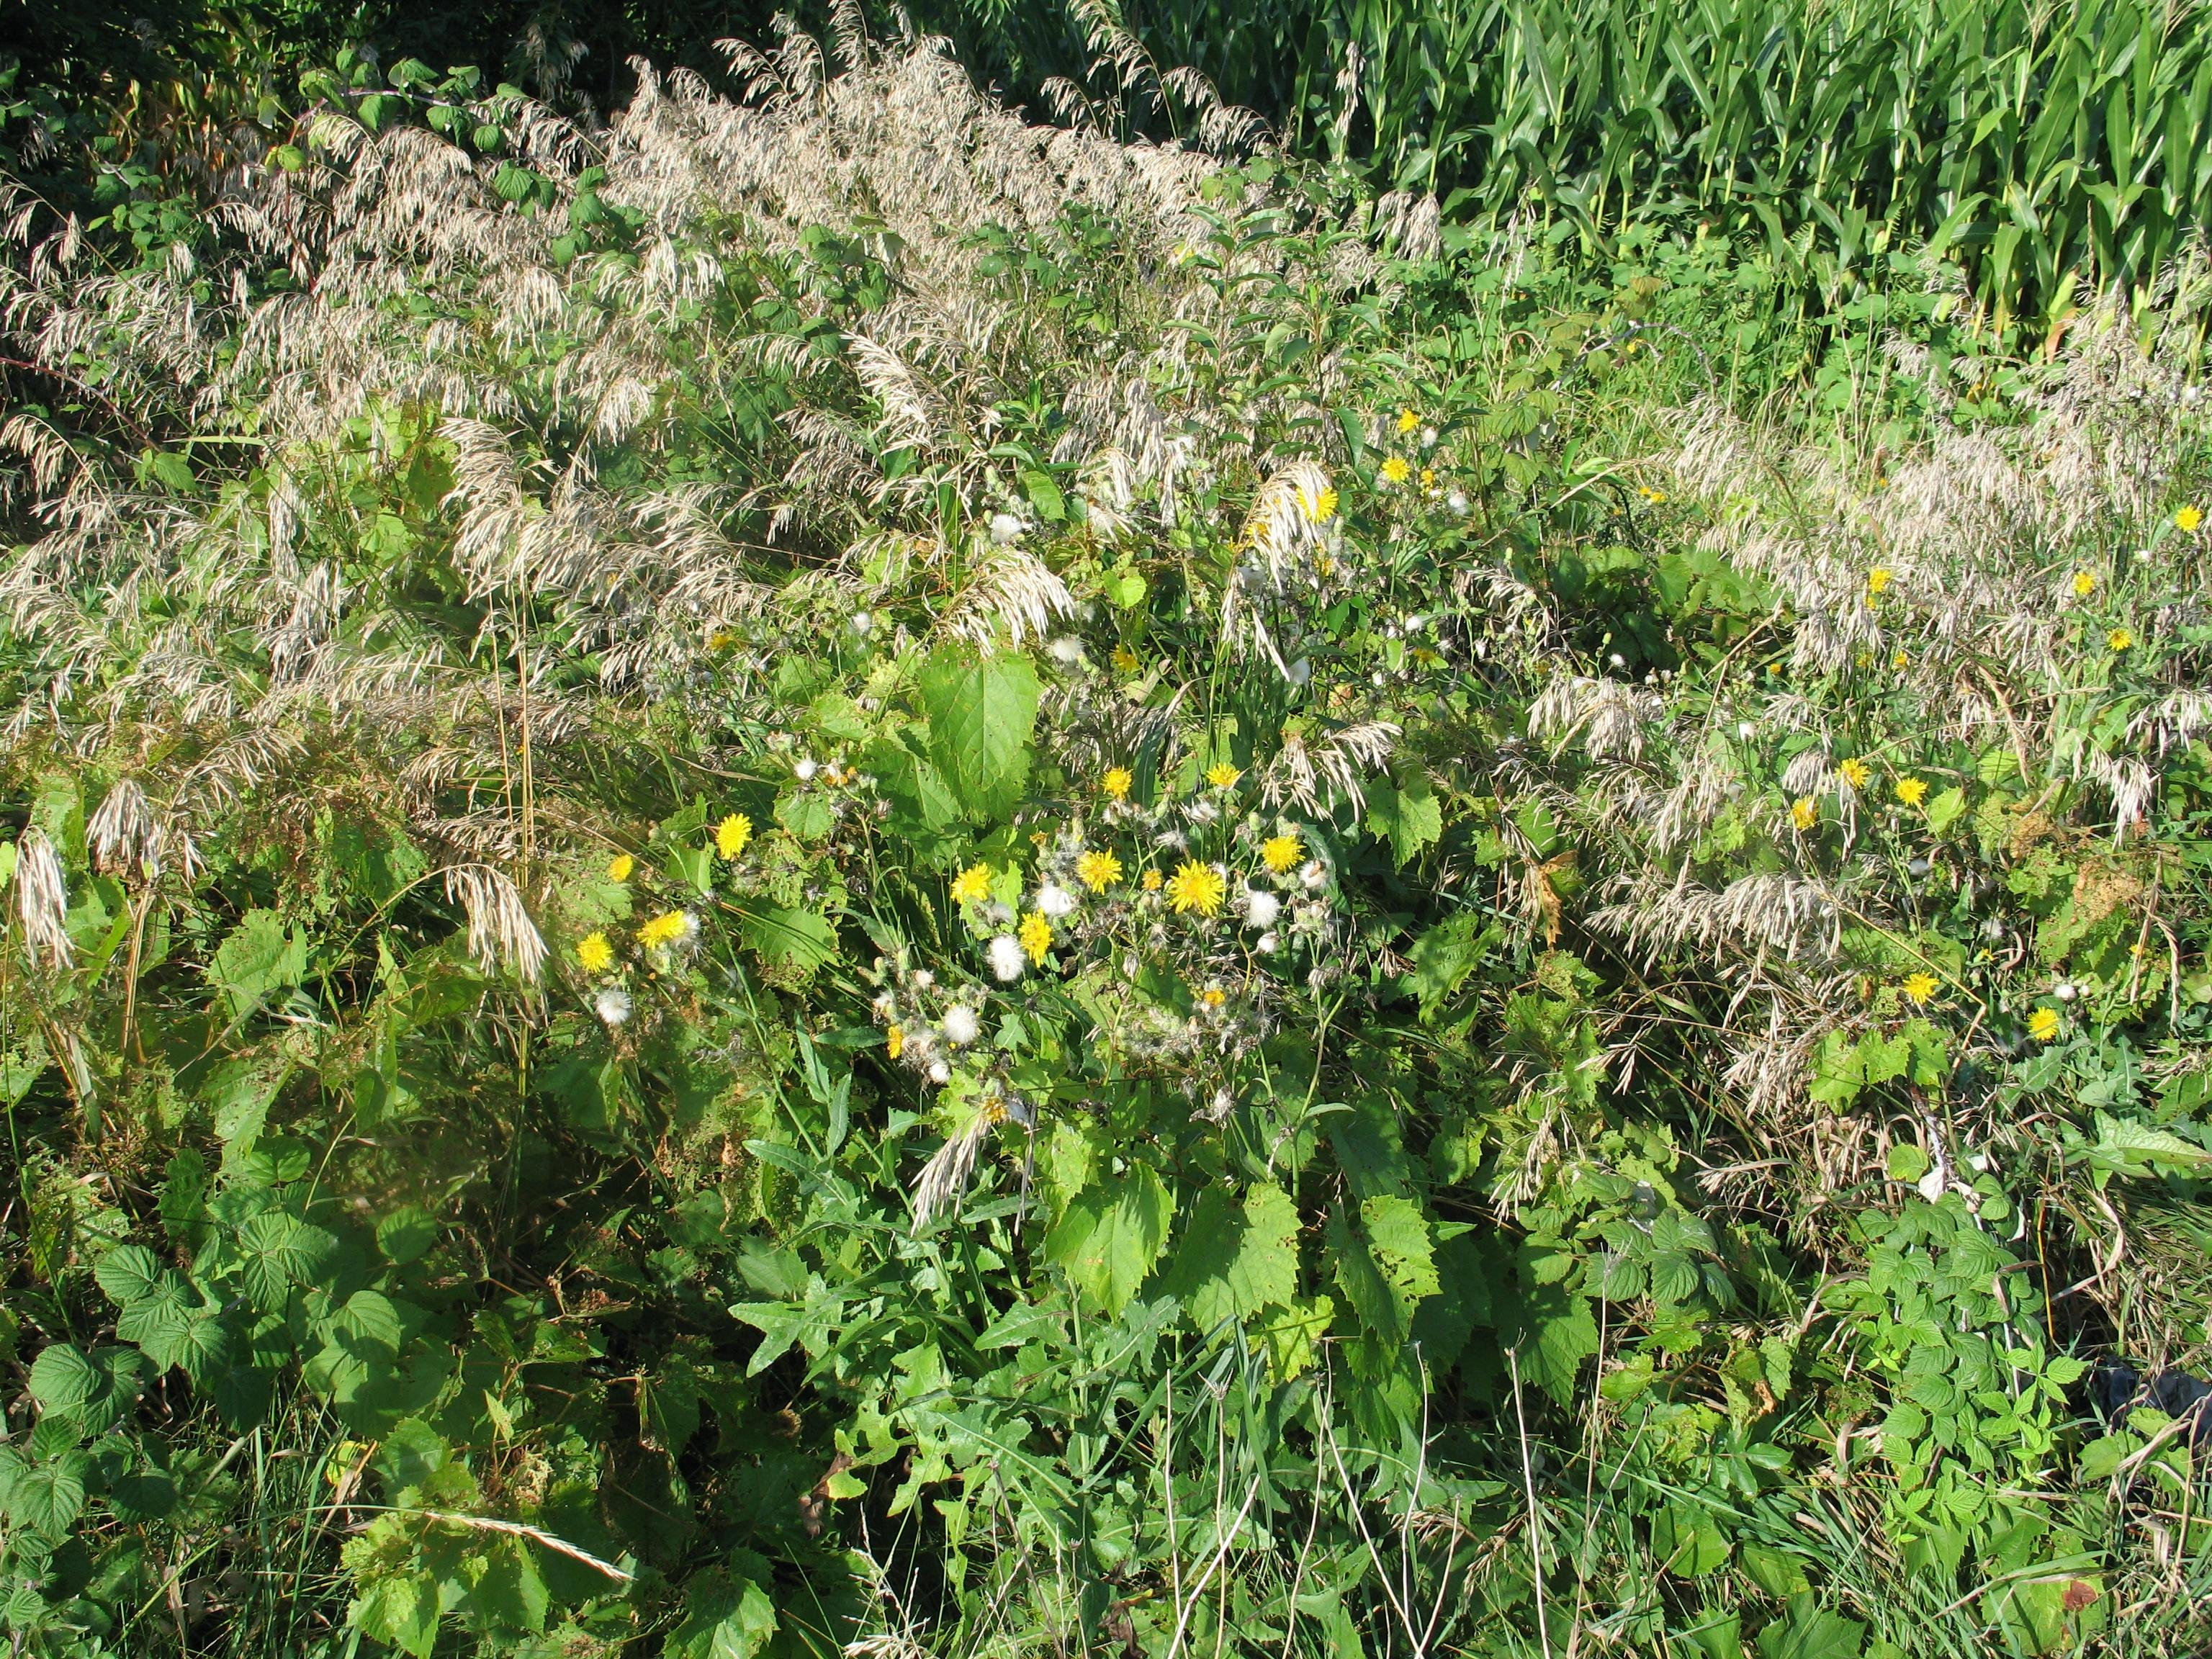 Wild Dandelions by Windthin